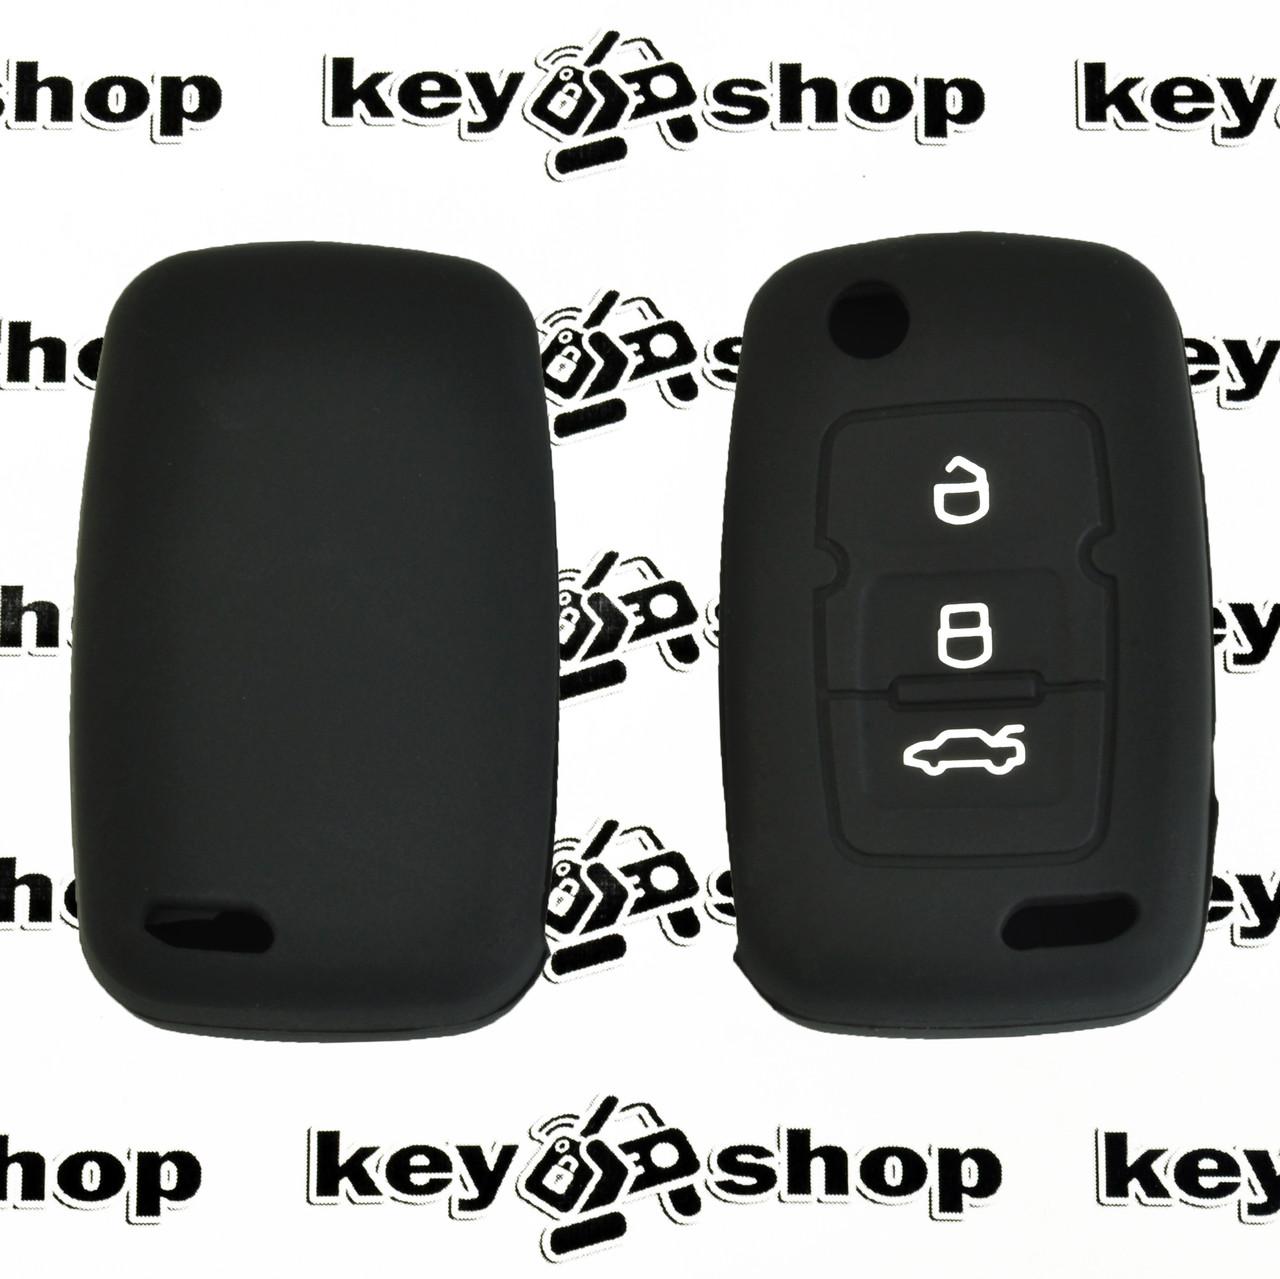 """Чехол (силиконовый) для выкидного ключа Geely Emgrand (Джили Эмгранд)  3 кнопки - Магазин ключей - """"Key-shop"""" в Кривом Роге"""